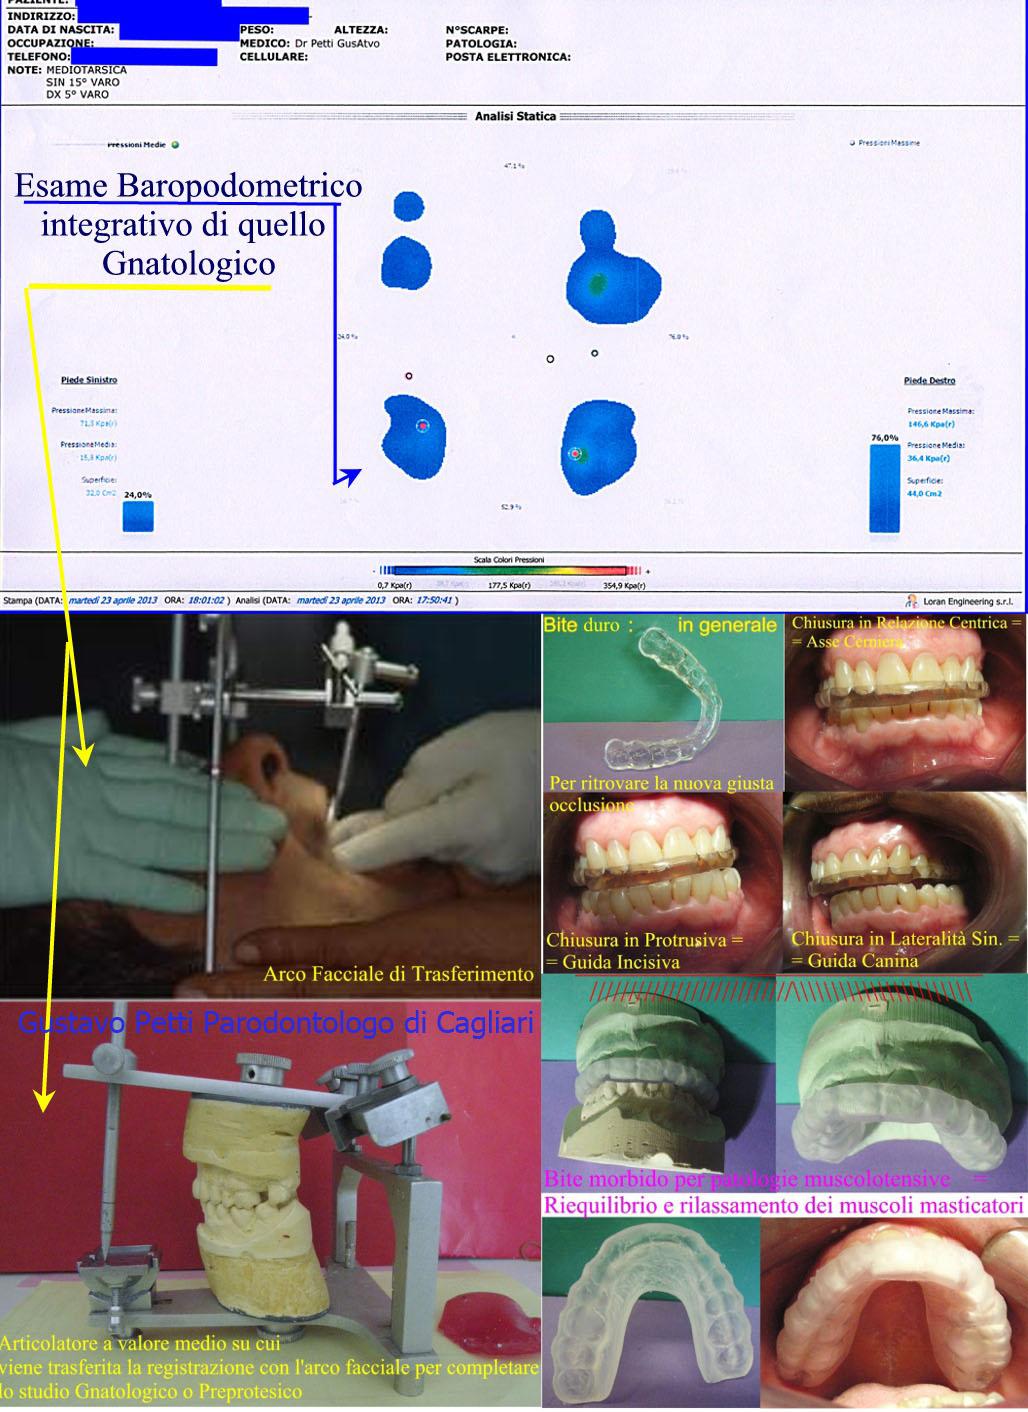 analisi-gnatologica-dr-g.petti-cagliari-235.jpg